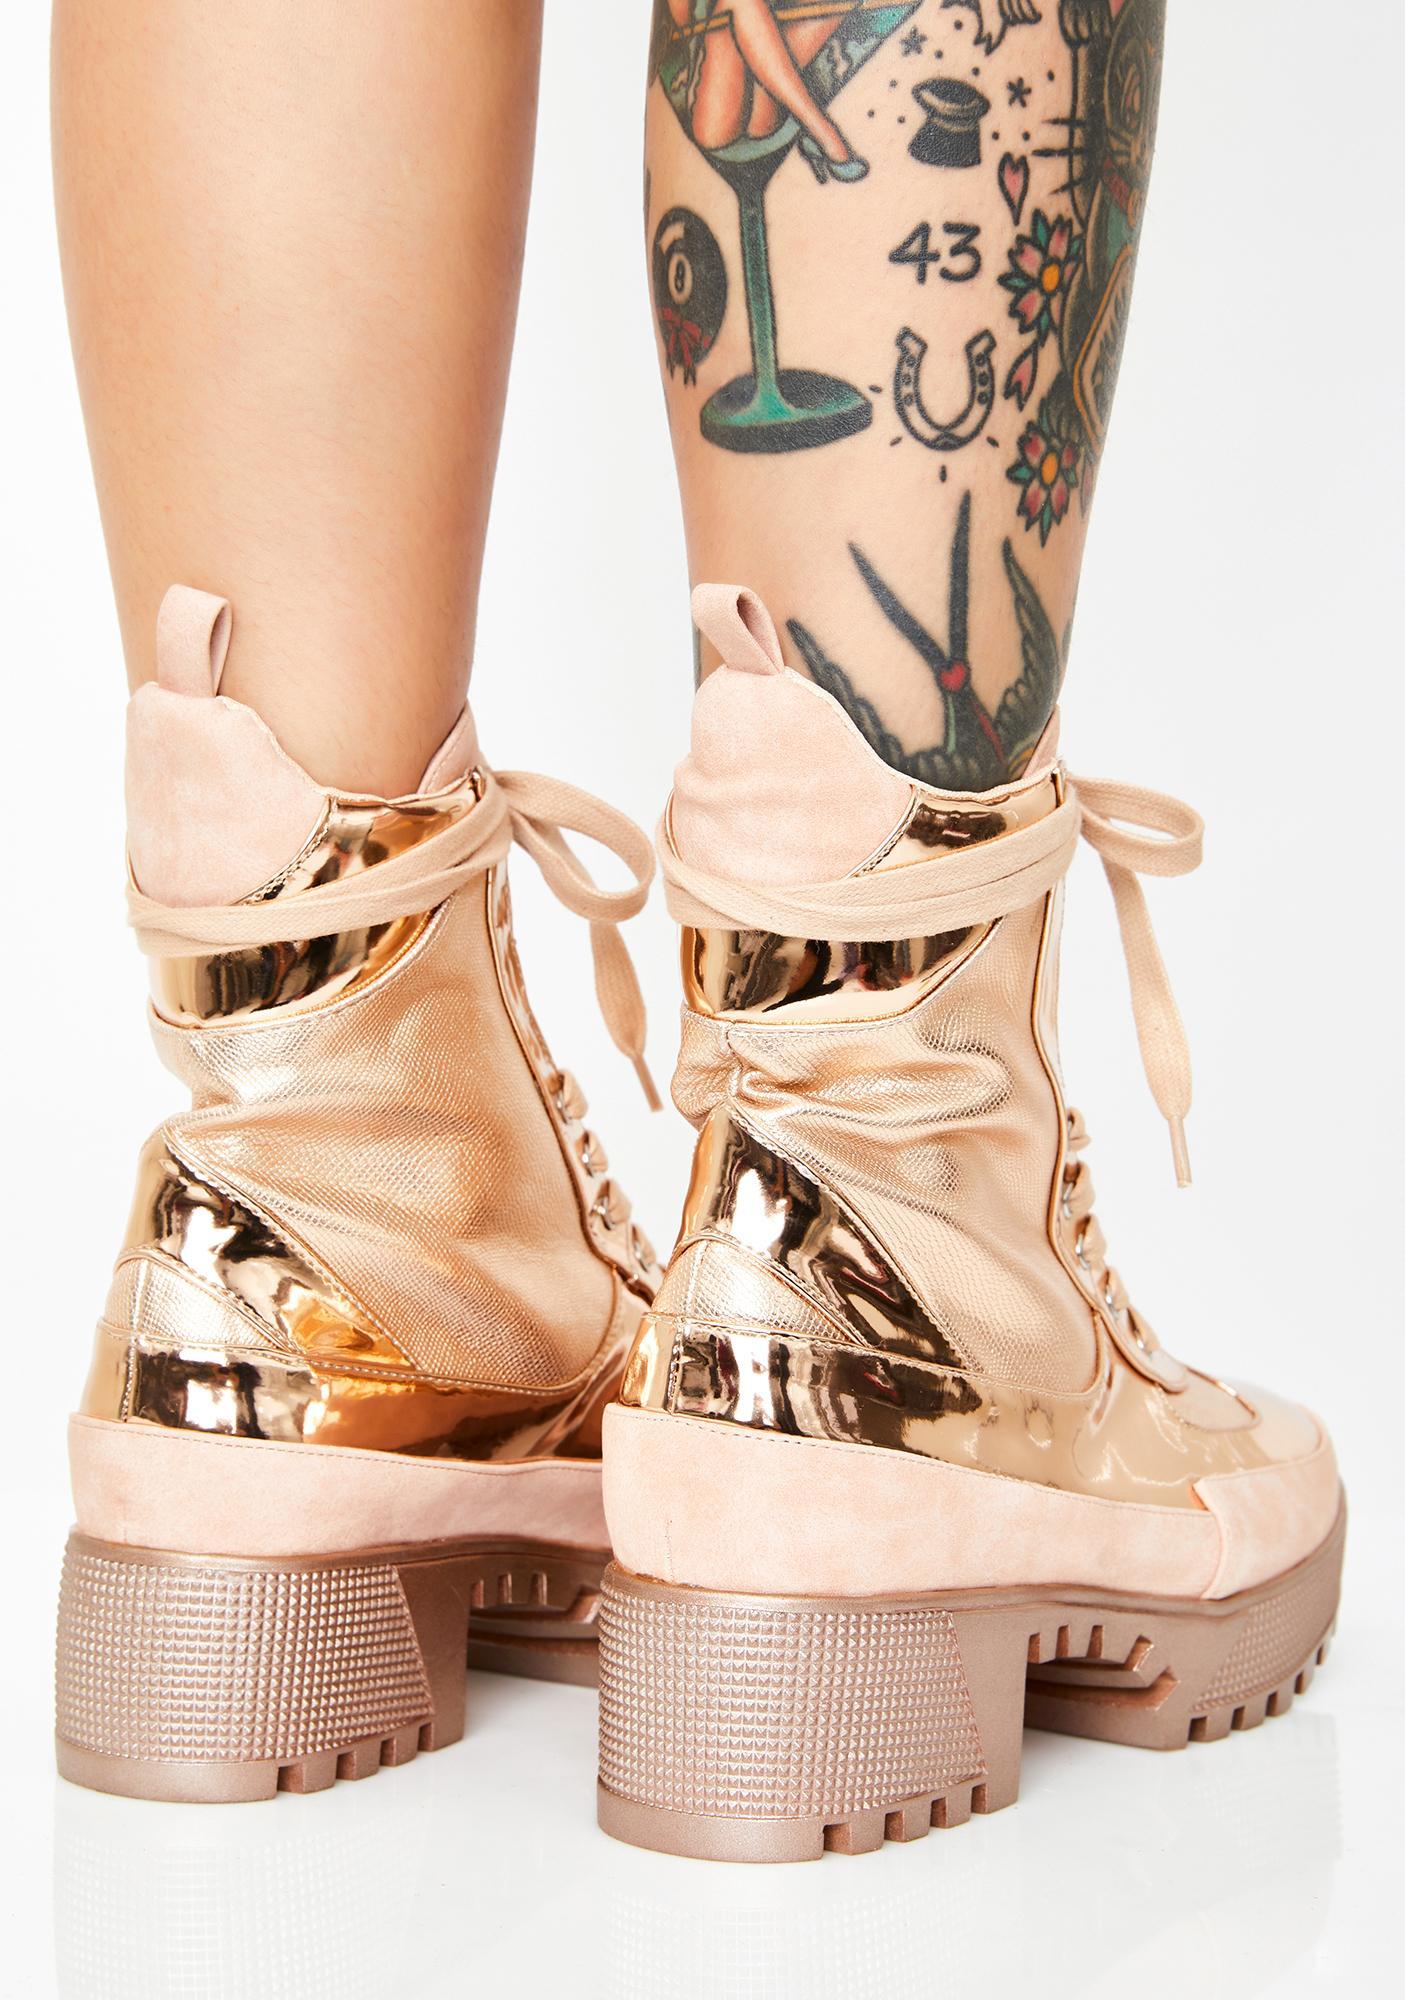 Armed N' Dangerous Combat Boots